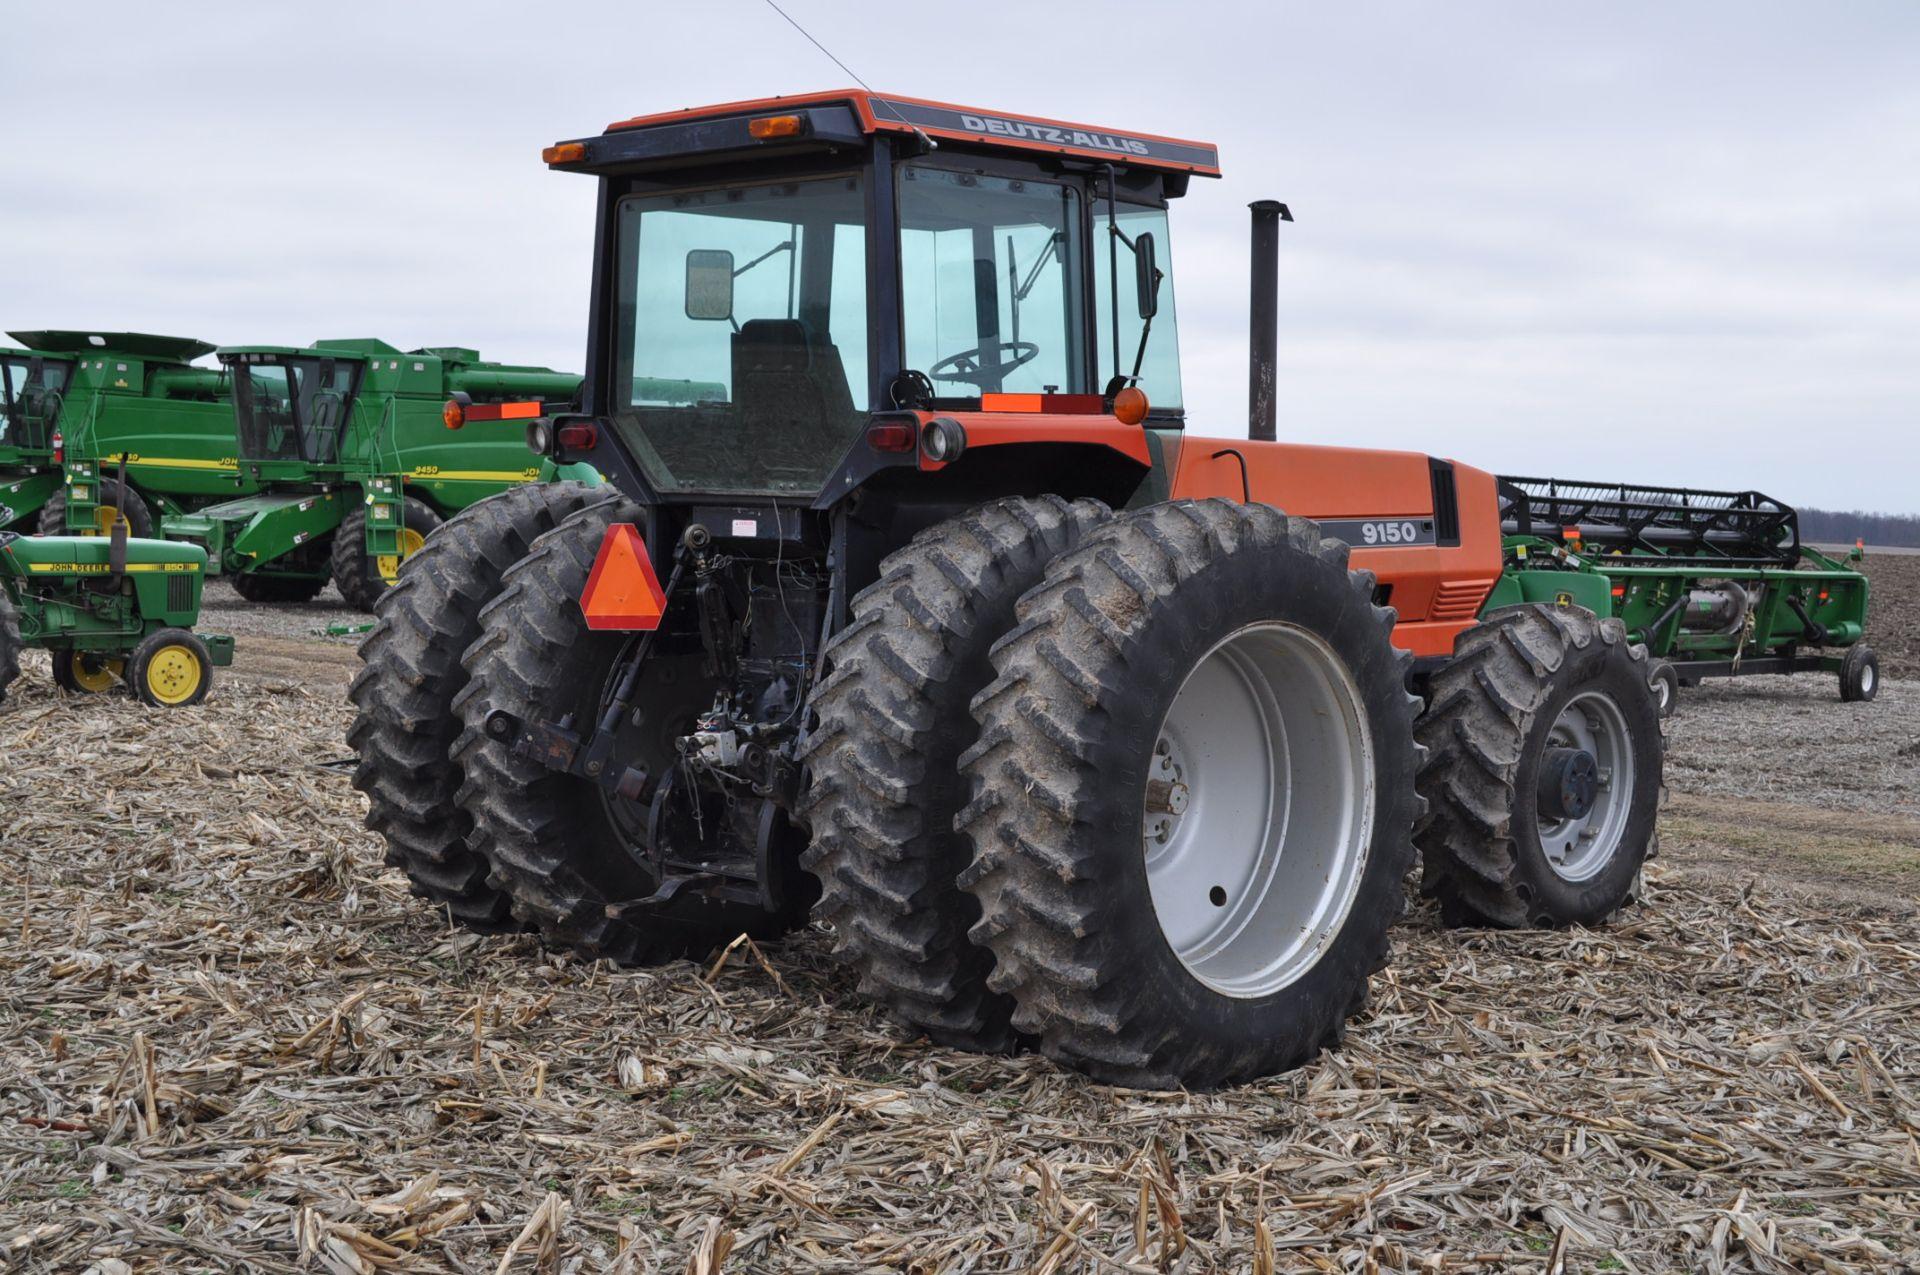 Deutz Allis 9150 tractor, MFWD, 18.4 R 42 duals, 420/85 R 28 tires, 6+3 speed range, 2 hyd - Image 3 of 20